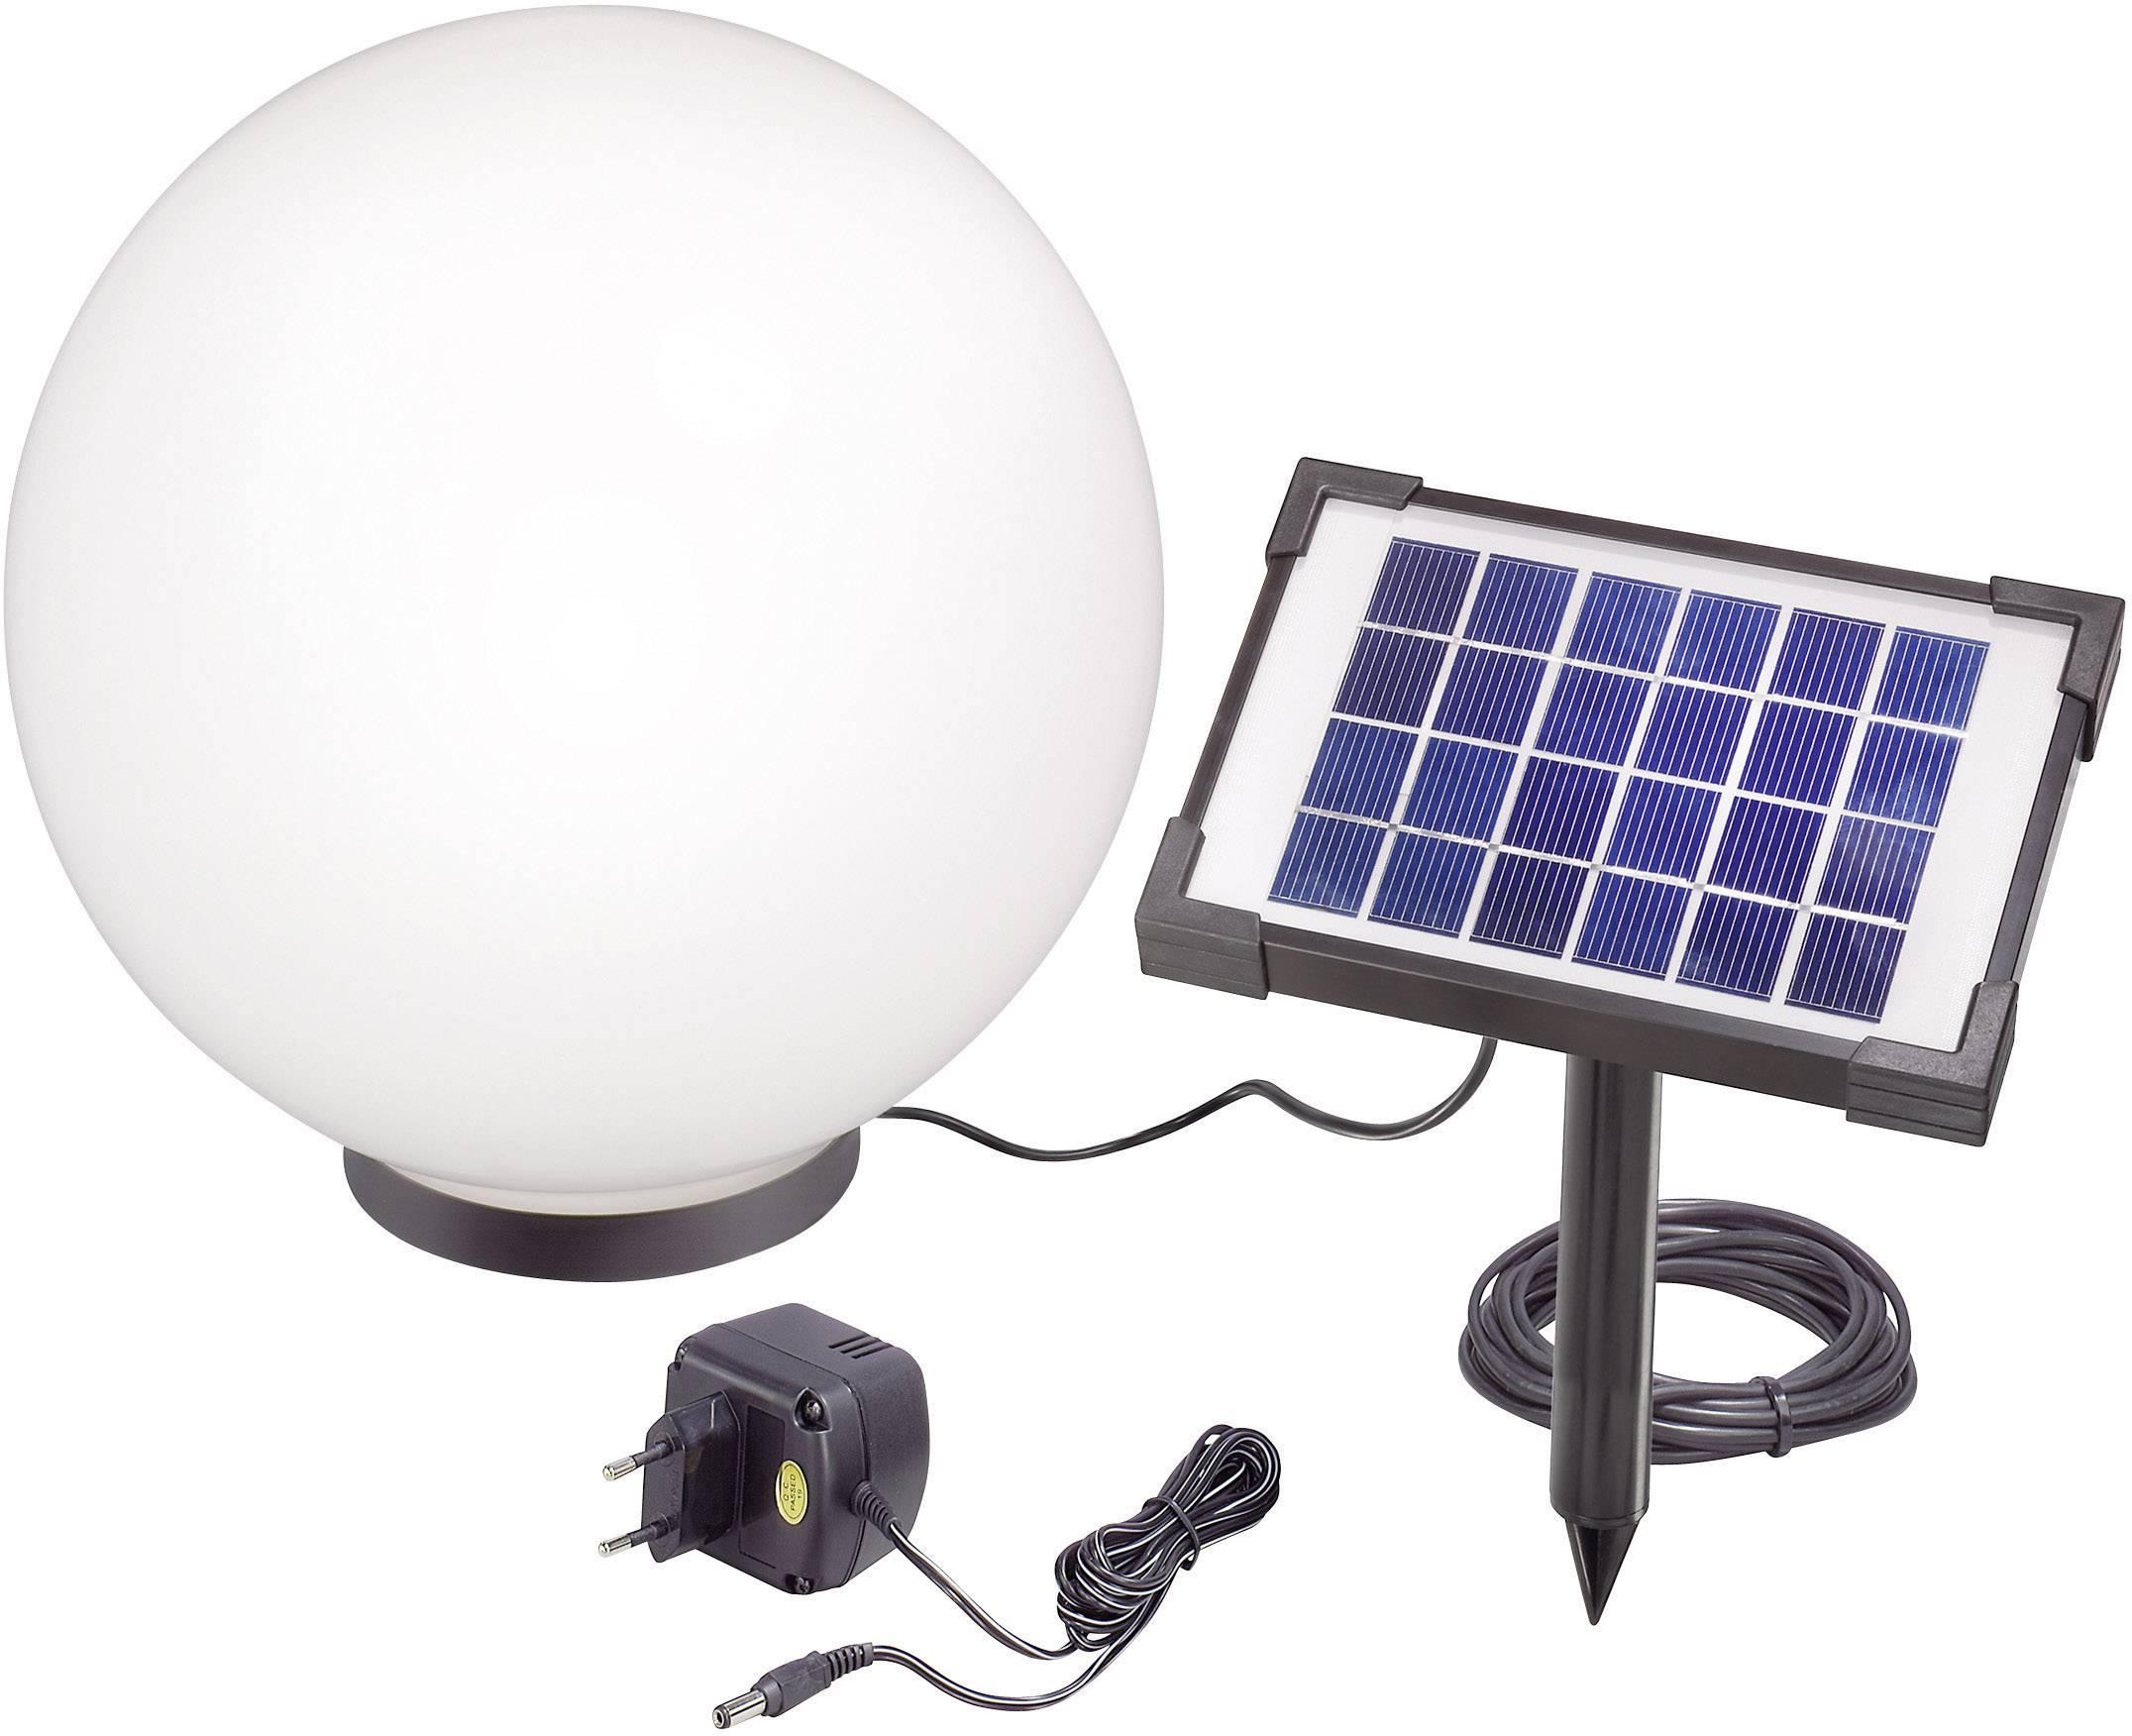 LED solárna guľa Esotec Mega 30 106036, Ø 30 cm, čierna, biela, RGB